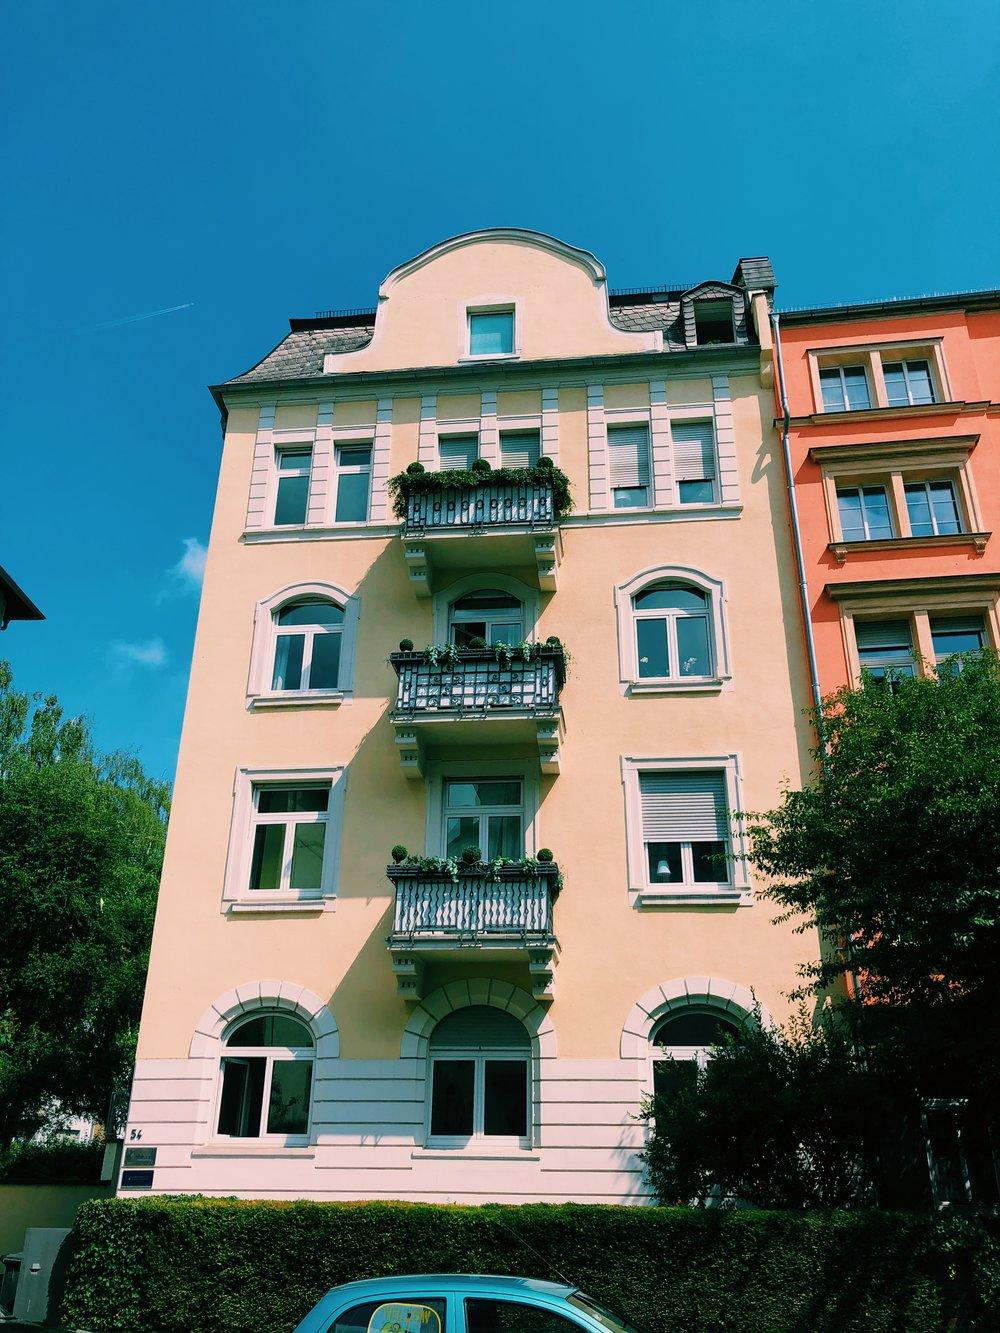 frankfurt-germany-neighborhood.JPG